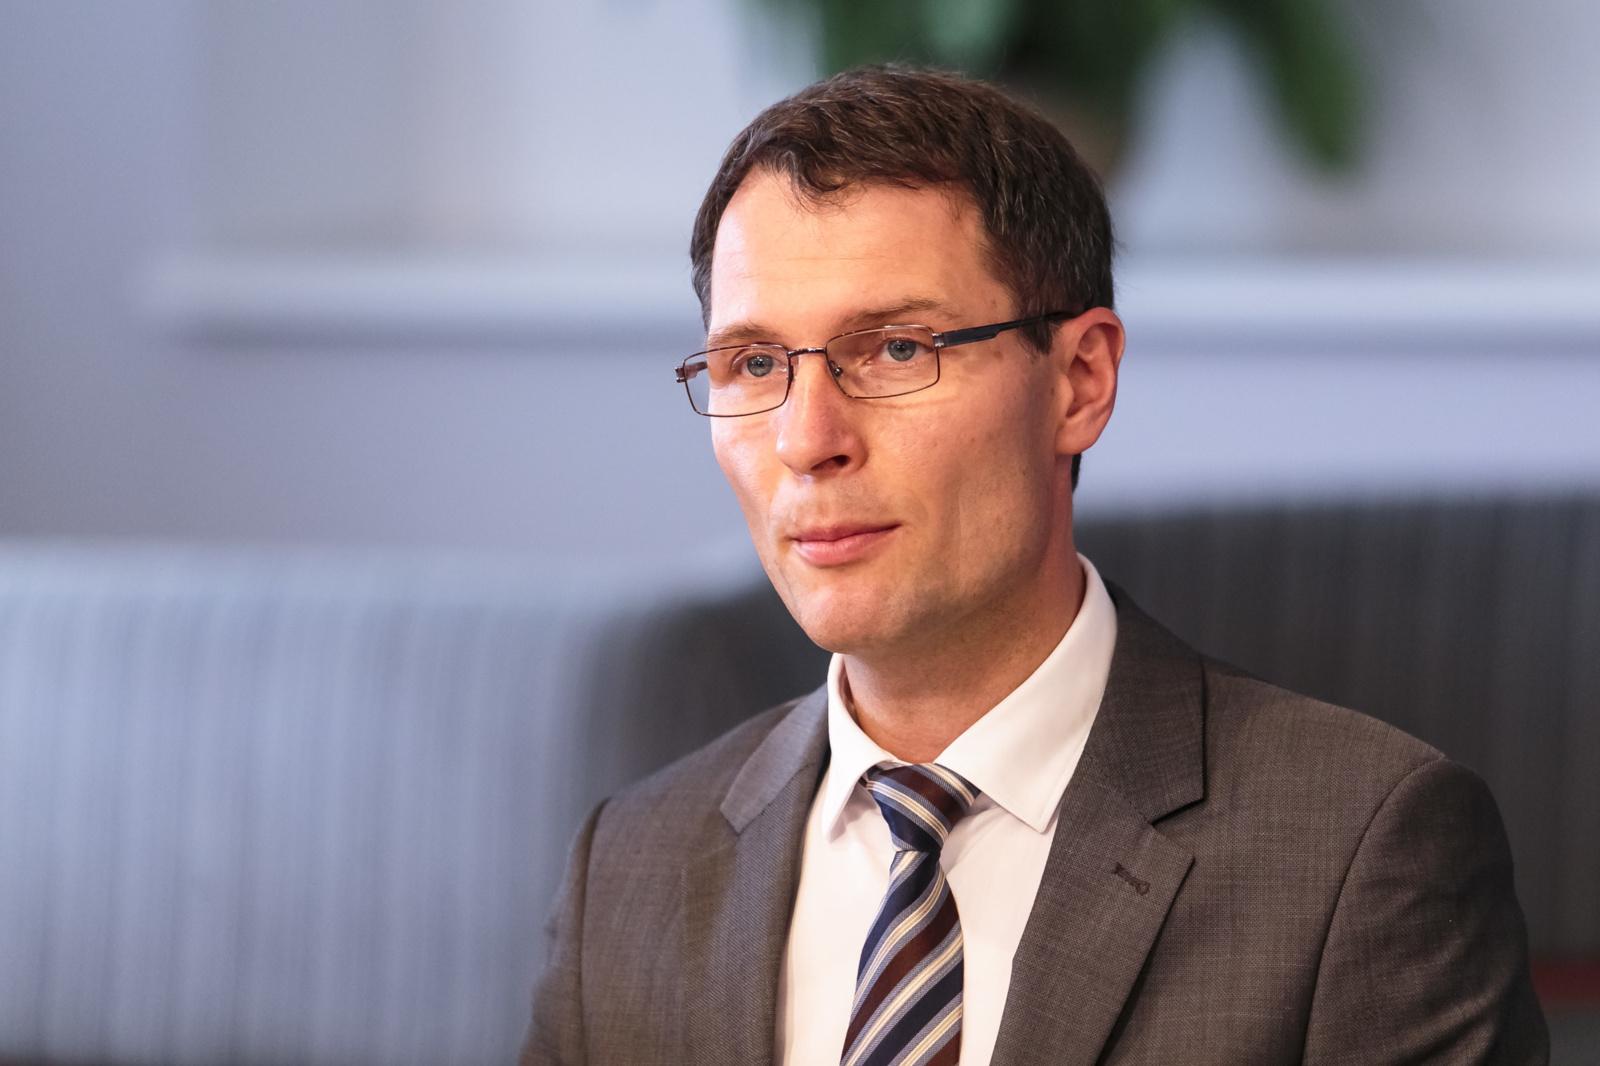 Teisingumo ministras siūlo peržiūrėti taisykles, nustatančias sveikatos sutrikdymo mastą